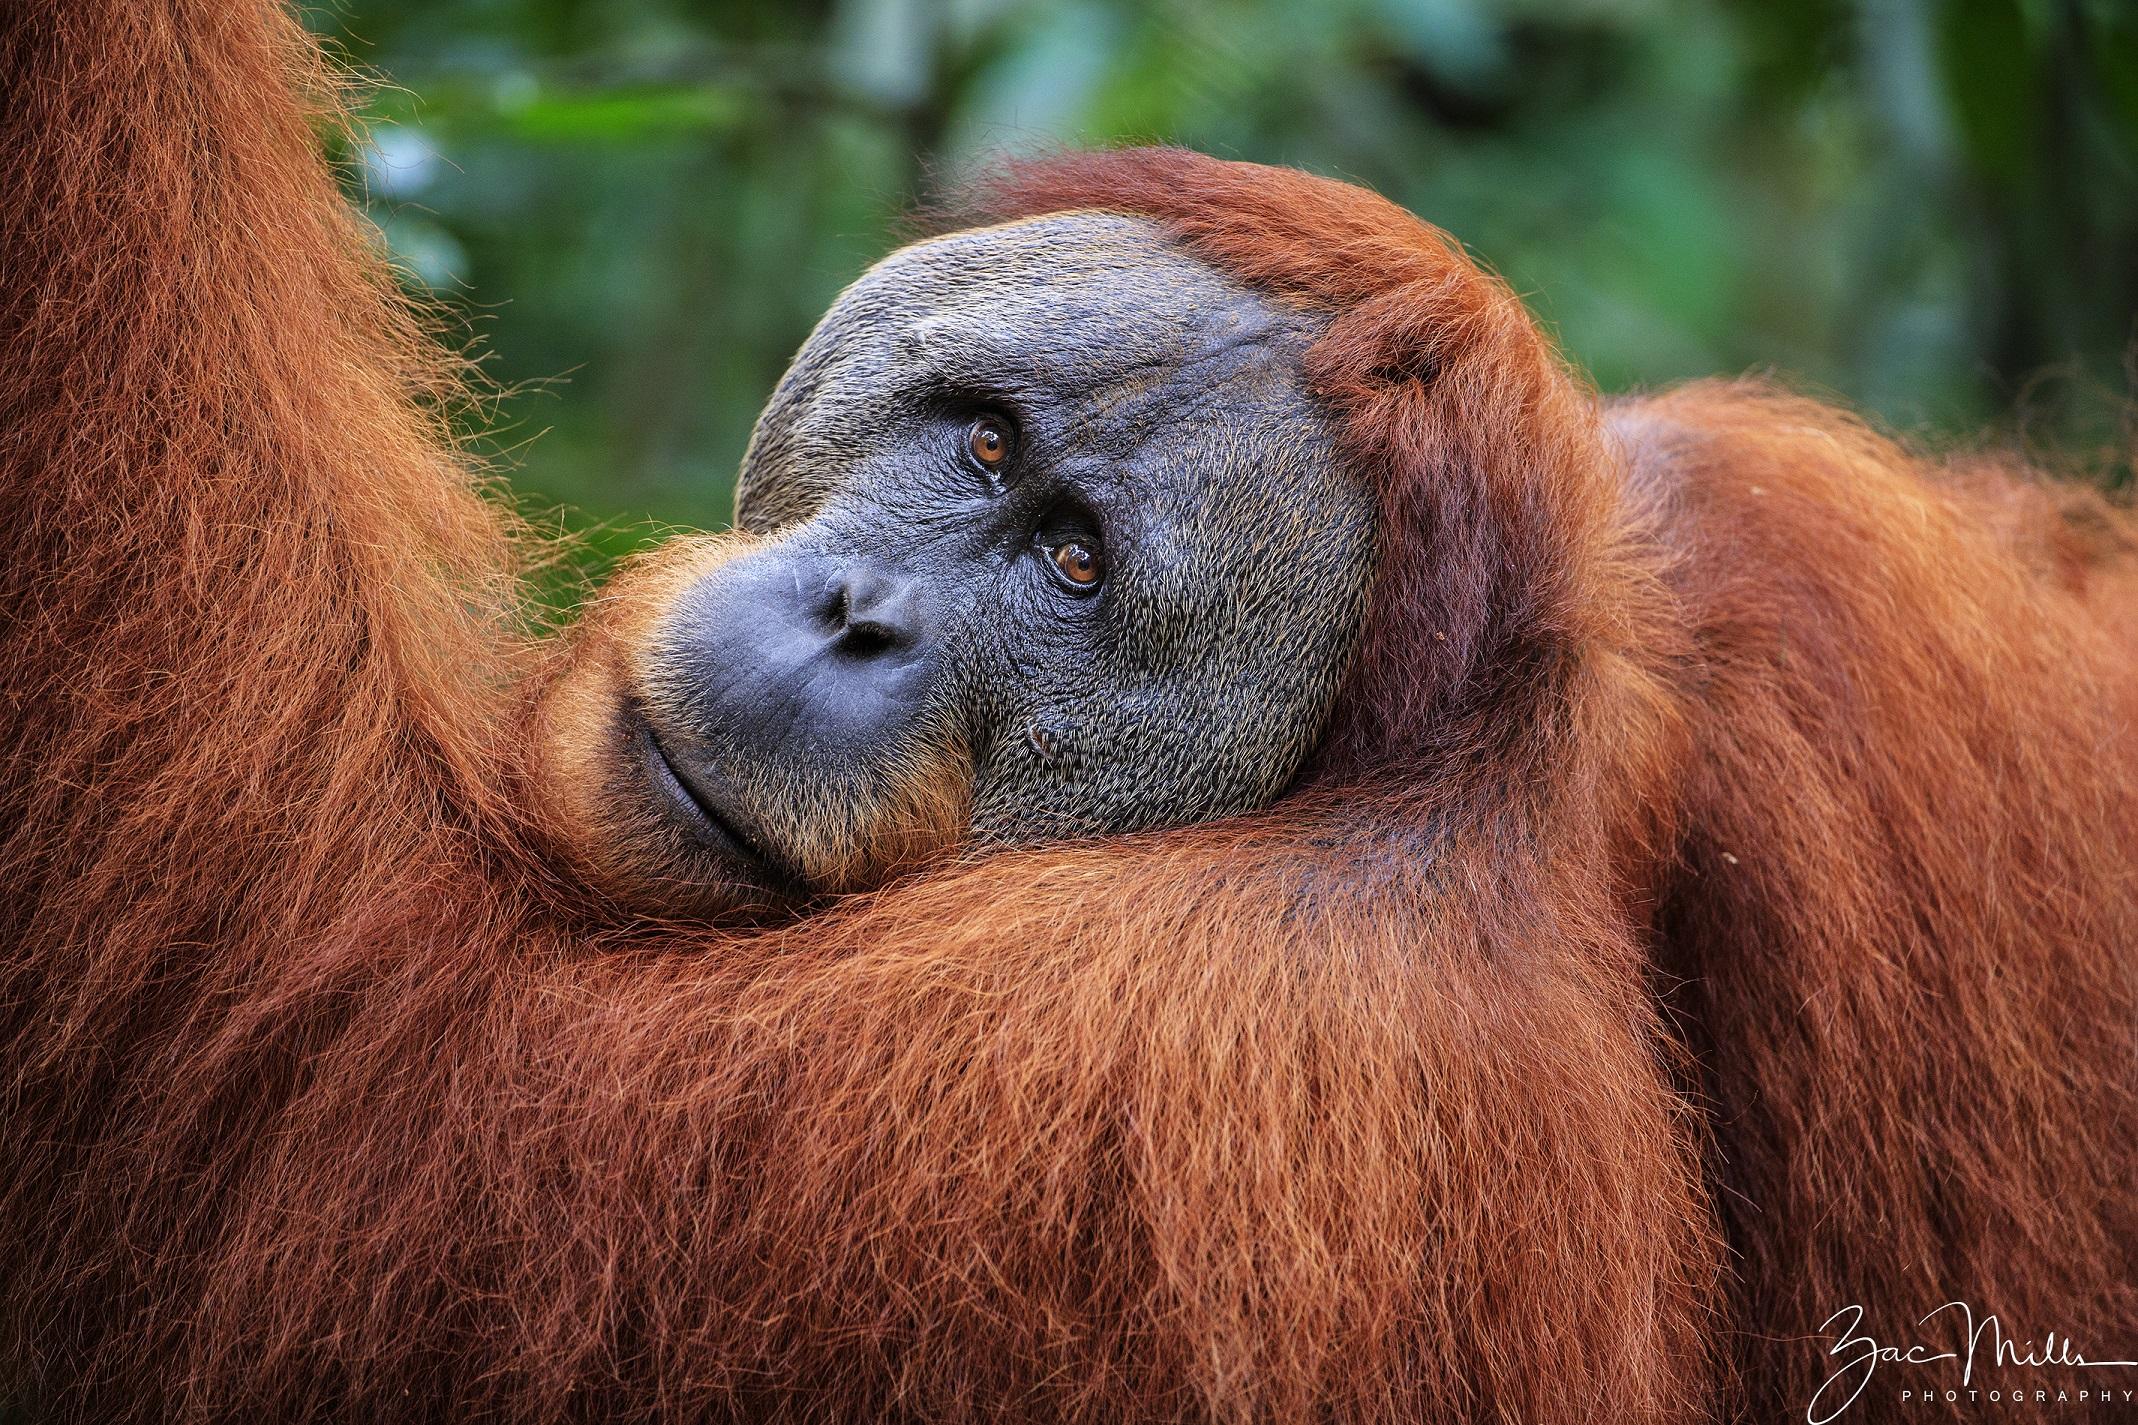 SOS – Sumatran Orangutan Society